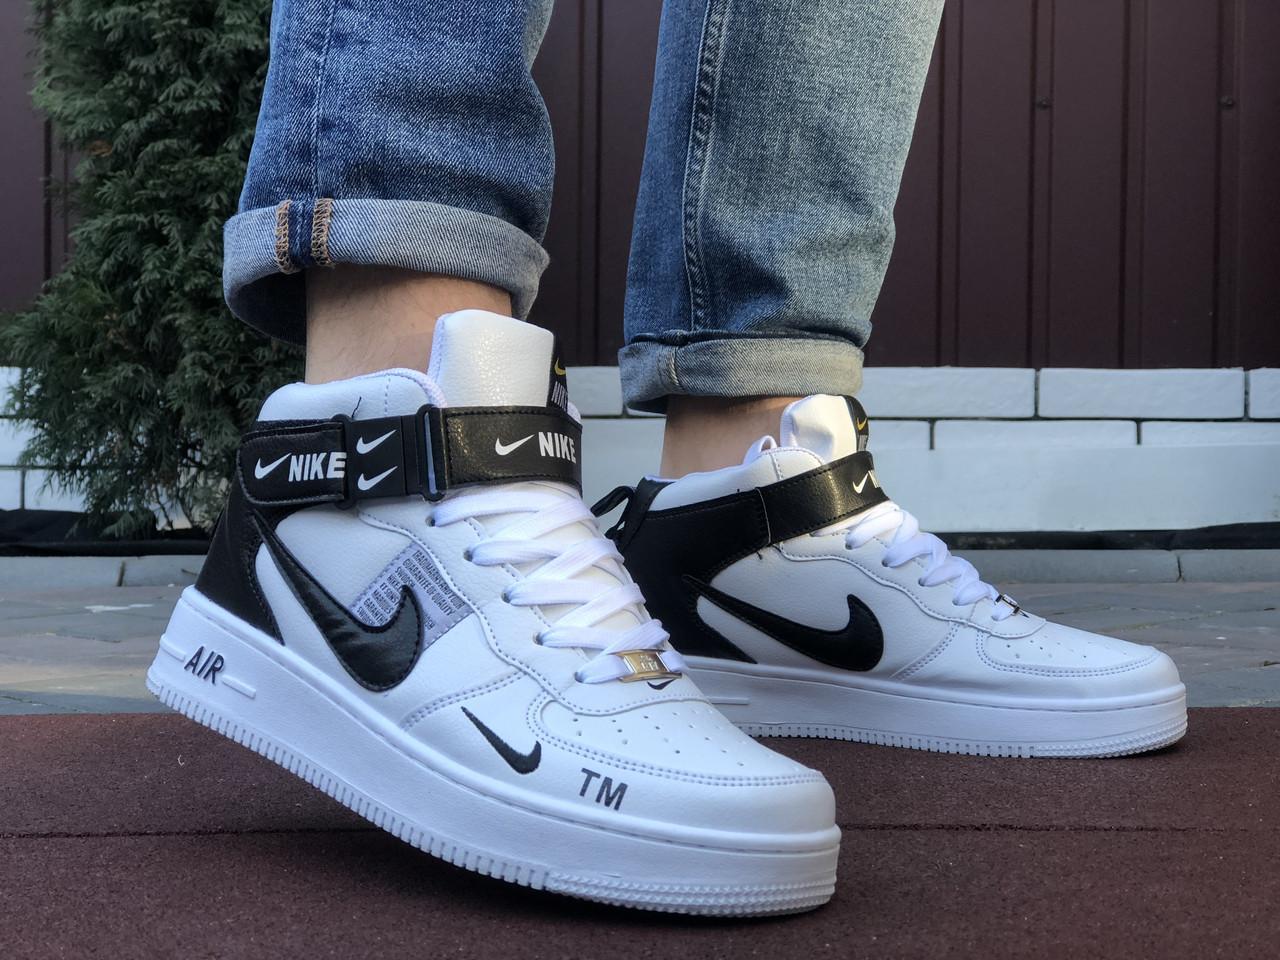 Мужские кроссовки Nike Air Force 1 LV8 High (белые с черным) спортивная кожаная обувь KS 1618